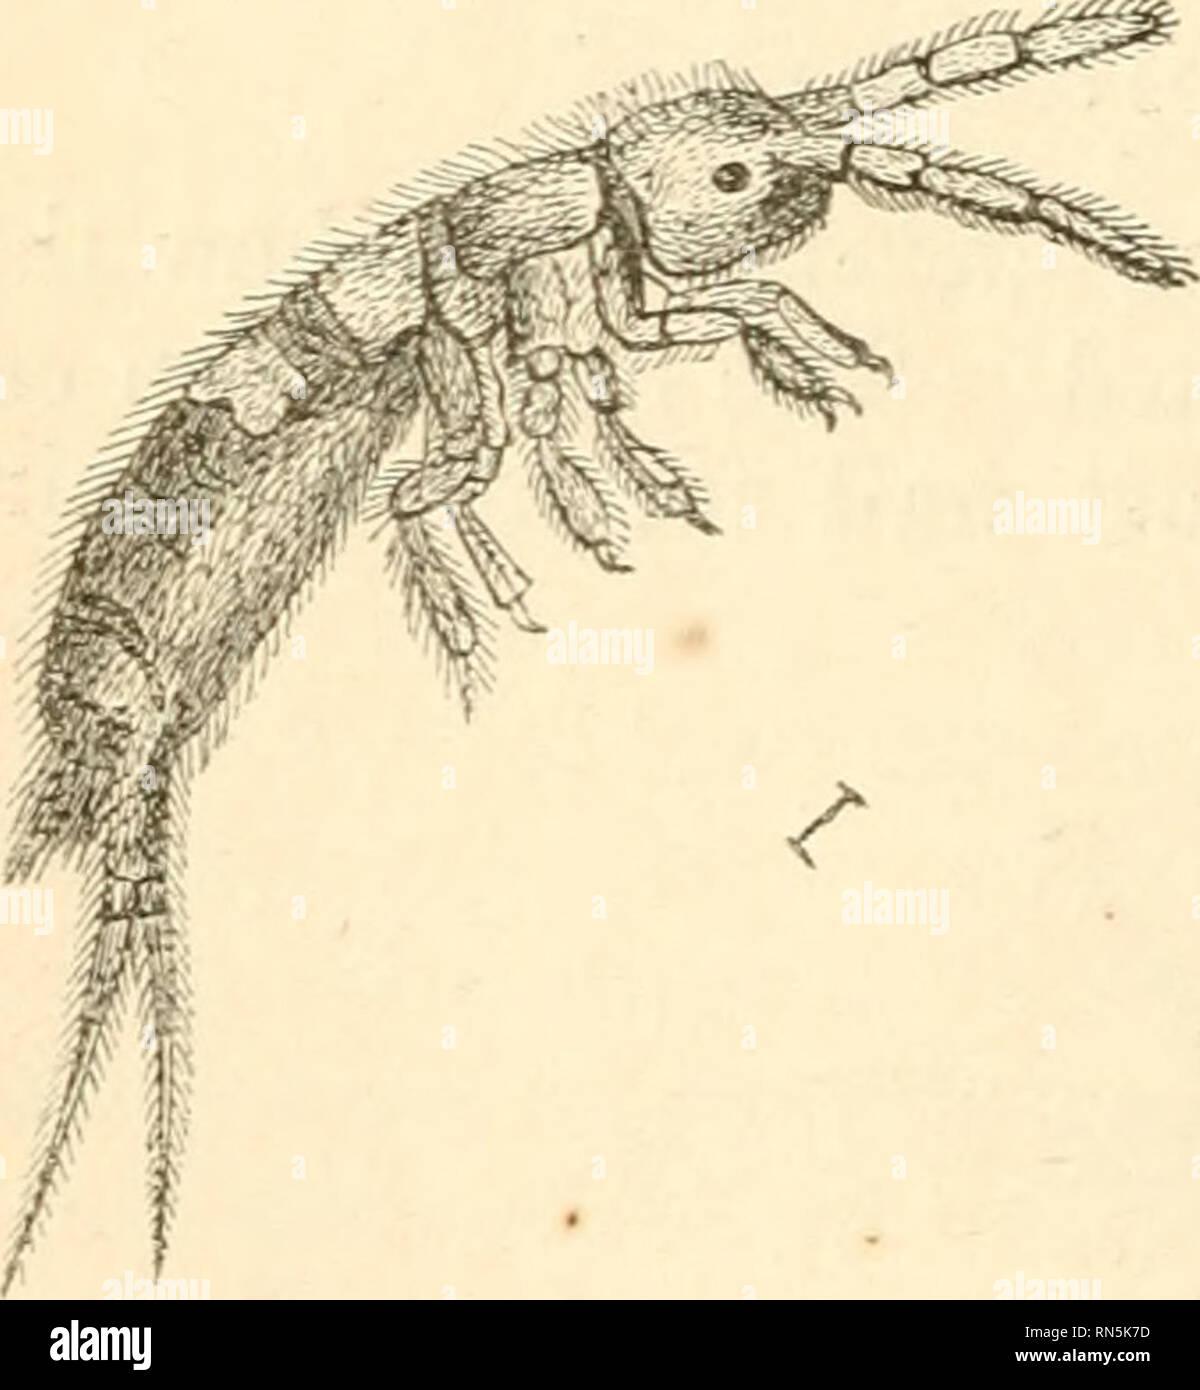 """. Die tierische Erzeugung: Eine populäre Einführung in die Zoologie. Zoologie. 180 THYSANOURA. Diese gefräßigen Maden, in diesem Raum der Zeit an Gewicht zwei hundert Falten, und dass Sie in der Lage die Geburt in kurzer Zeit zu anderen Insekten Legionen sind, spüren wir auf einmal ihre Anpassung an die wichtige Pflicht, so zu Ihnen vertraut ist. Die Spinne Fliegen {Hqopobosca)^ sind parasitäre Und, seltsam zu sagen, ihre Weibchen gebären pujpce statt der Eier oder der larvce, daher wurden sie benannten Pupi-Pam."""" Diese pupaa sind von beträchtlicher Größe, und anfangs sehr weich, aber ihre Haut bald ha Stockbild"""